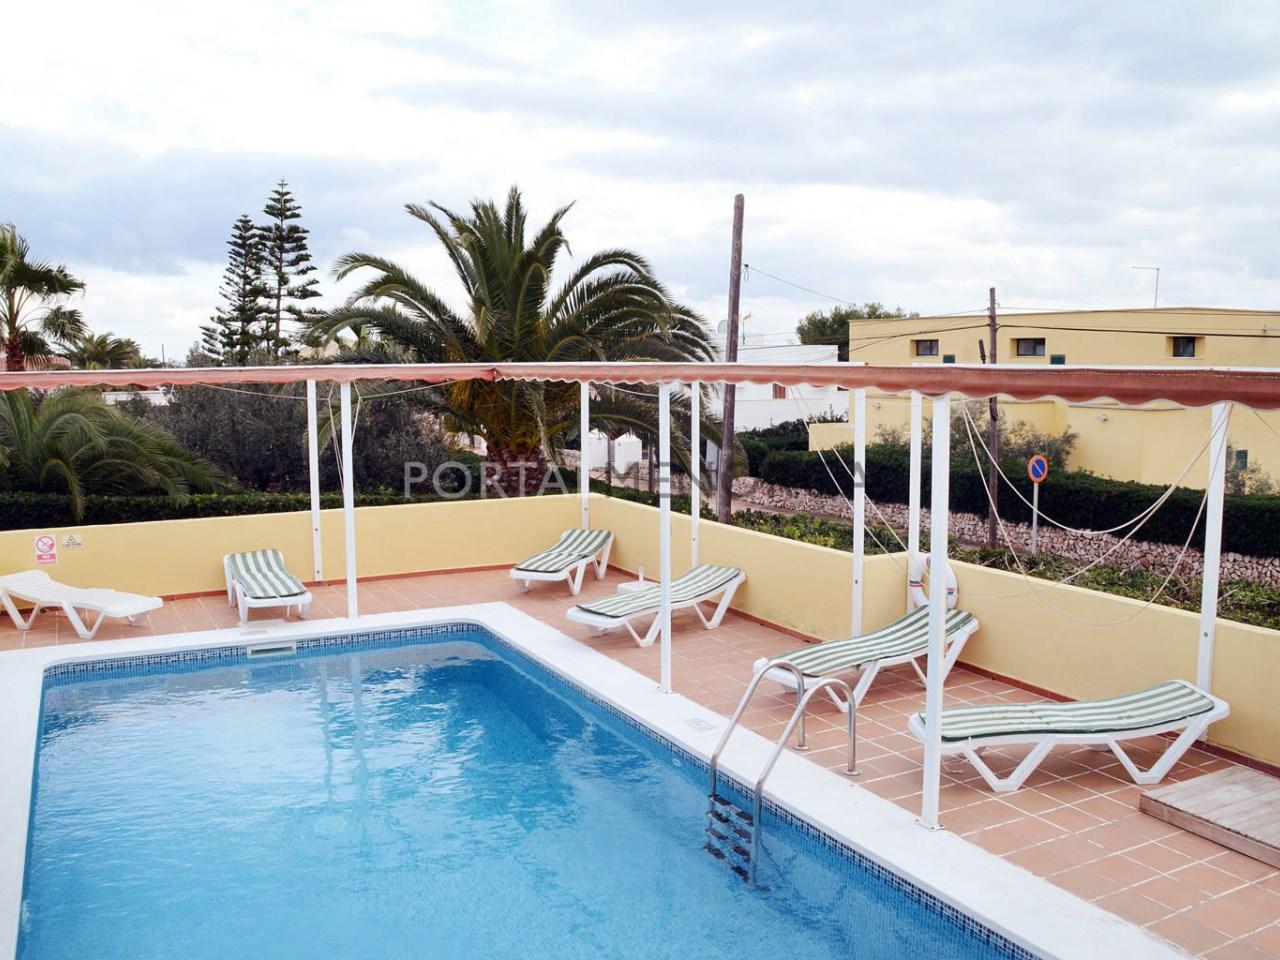 Casa con piscina en venta en Punta Prima